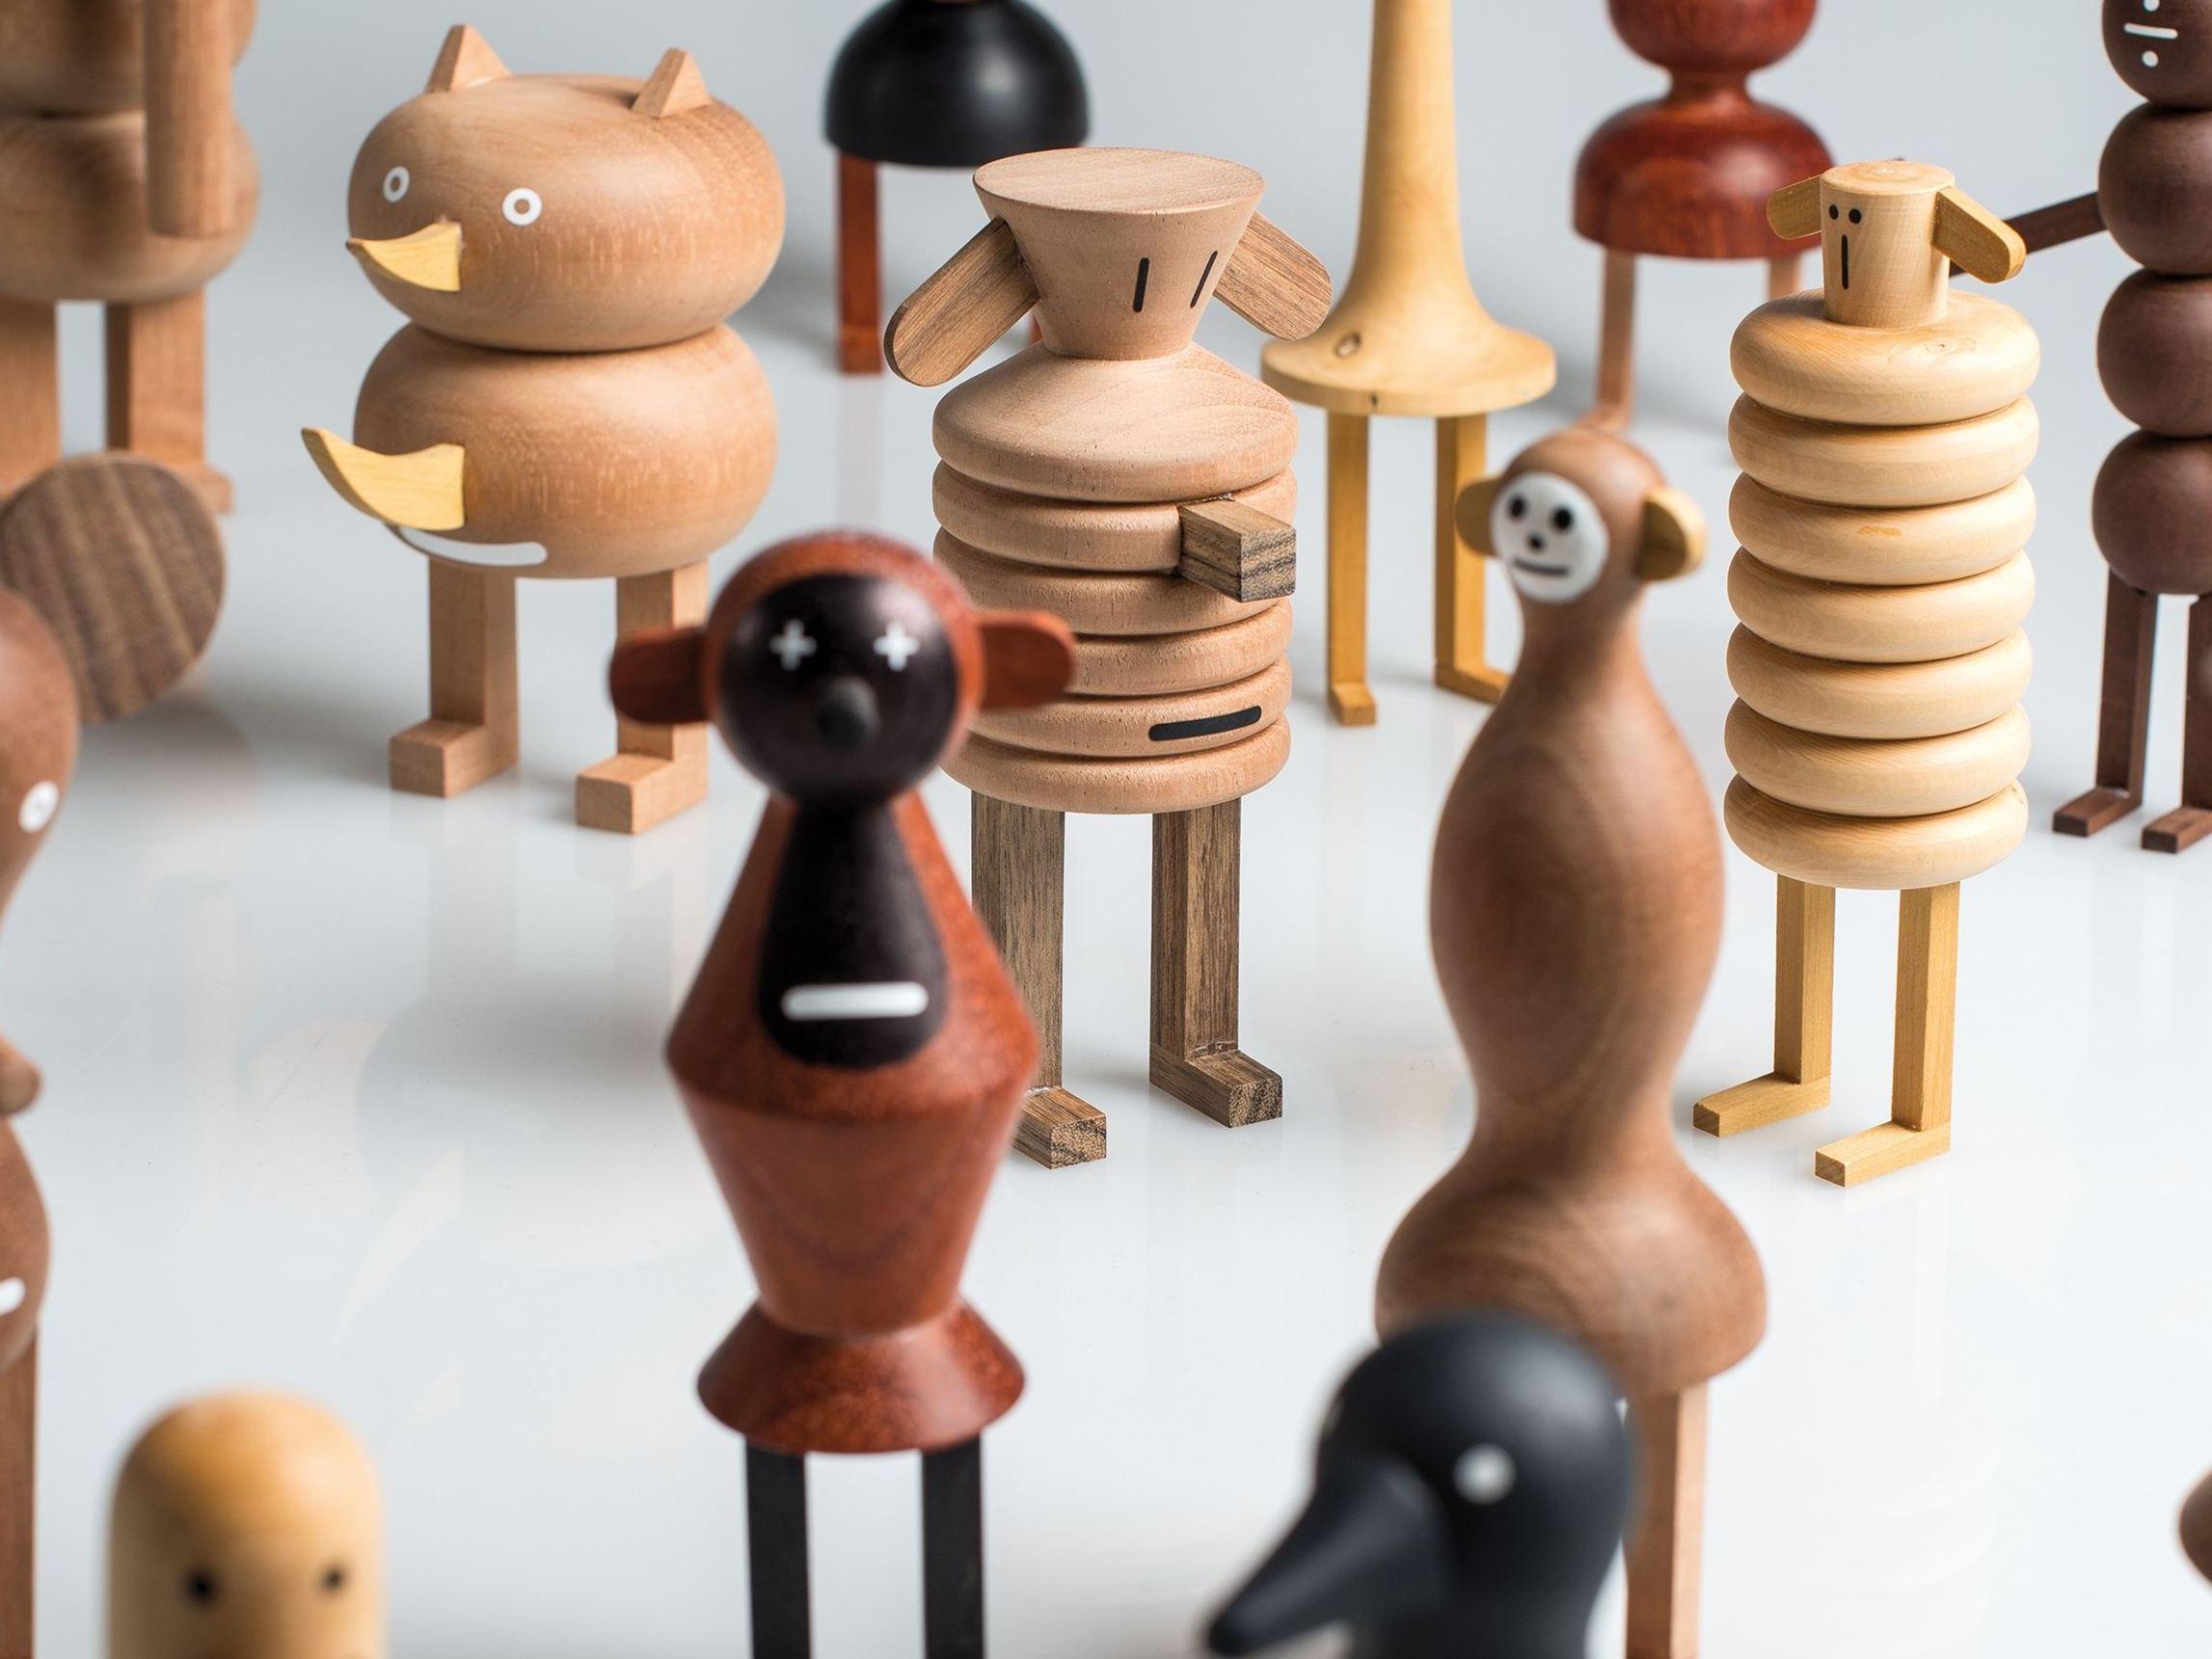 Designer Holzmobel Skulptur Moderne Holz Skulptur Lampe Design . Designer  Holzmobel Skulptur ...